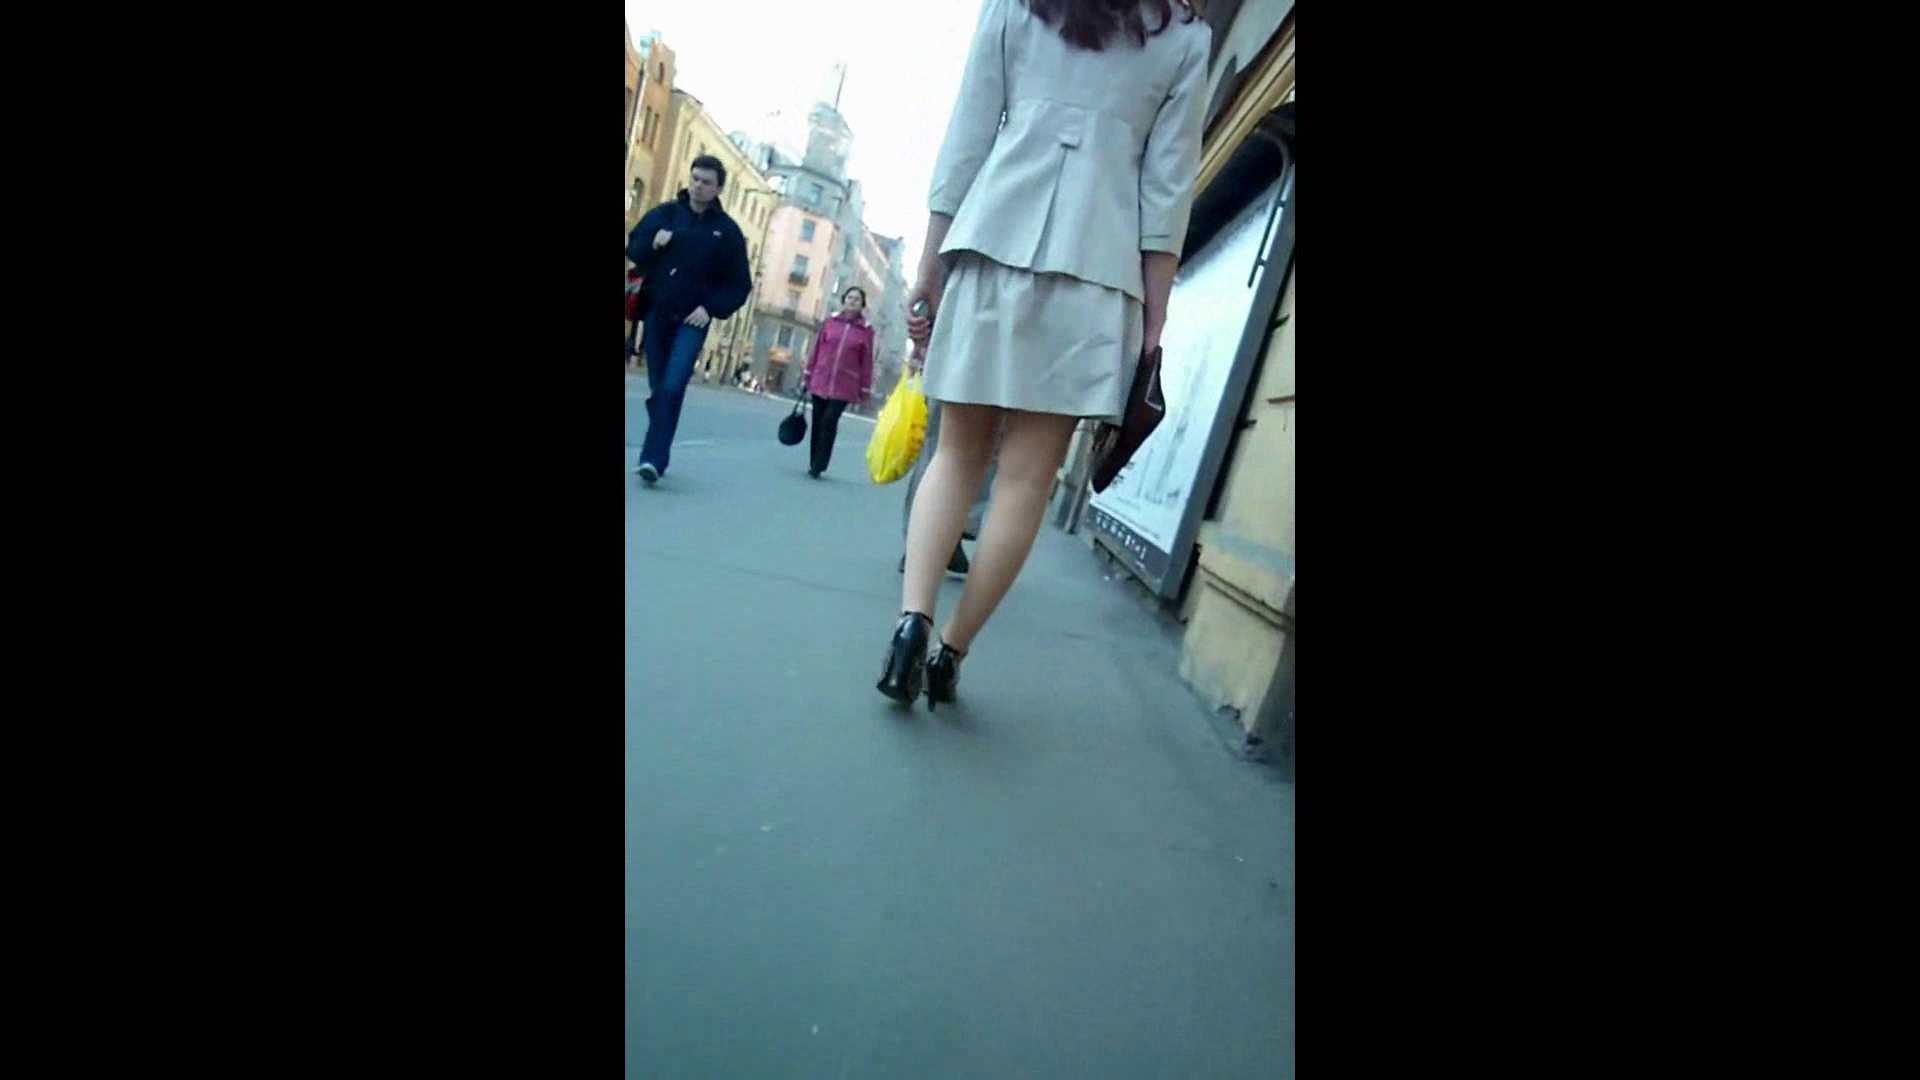 綺麗なモデルさんのスカート捲っちゃおう‼vol01 0 | 0  78pic 31